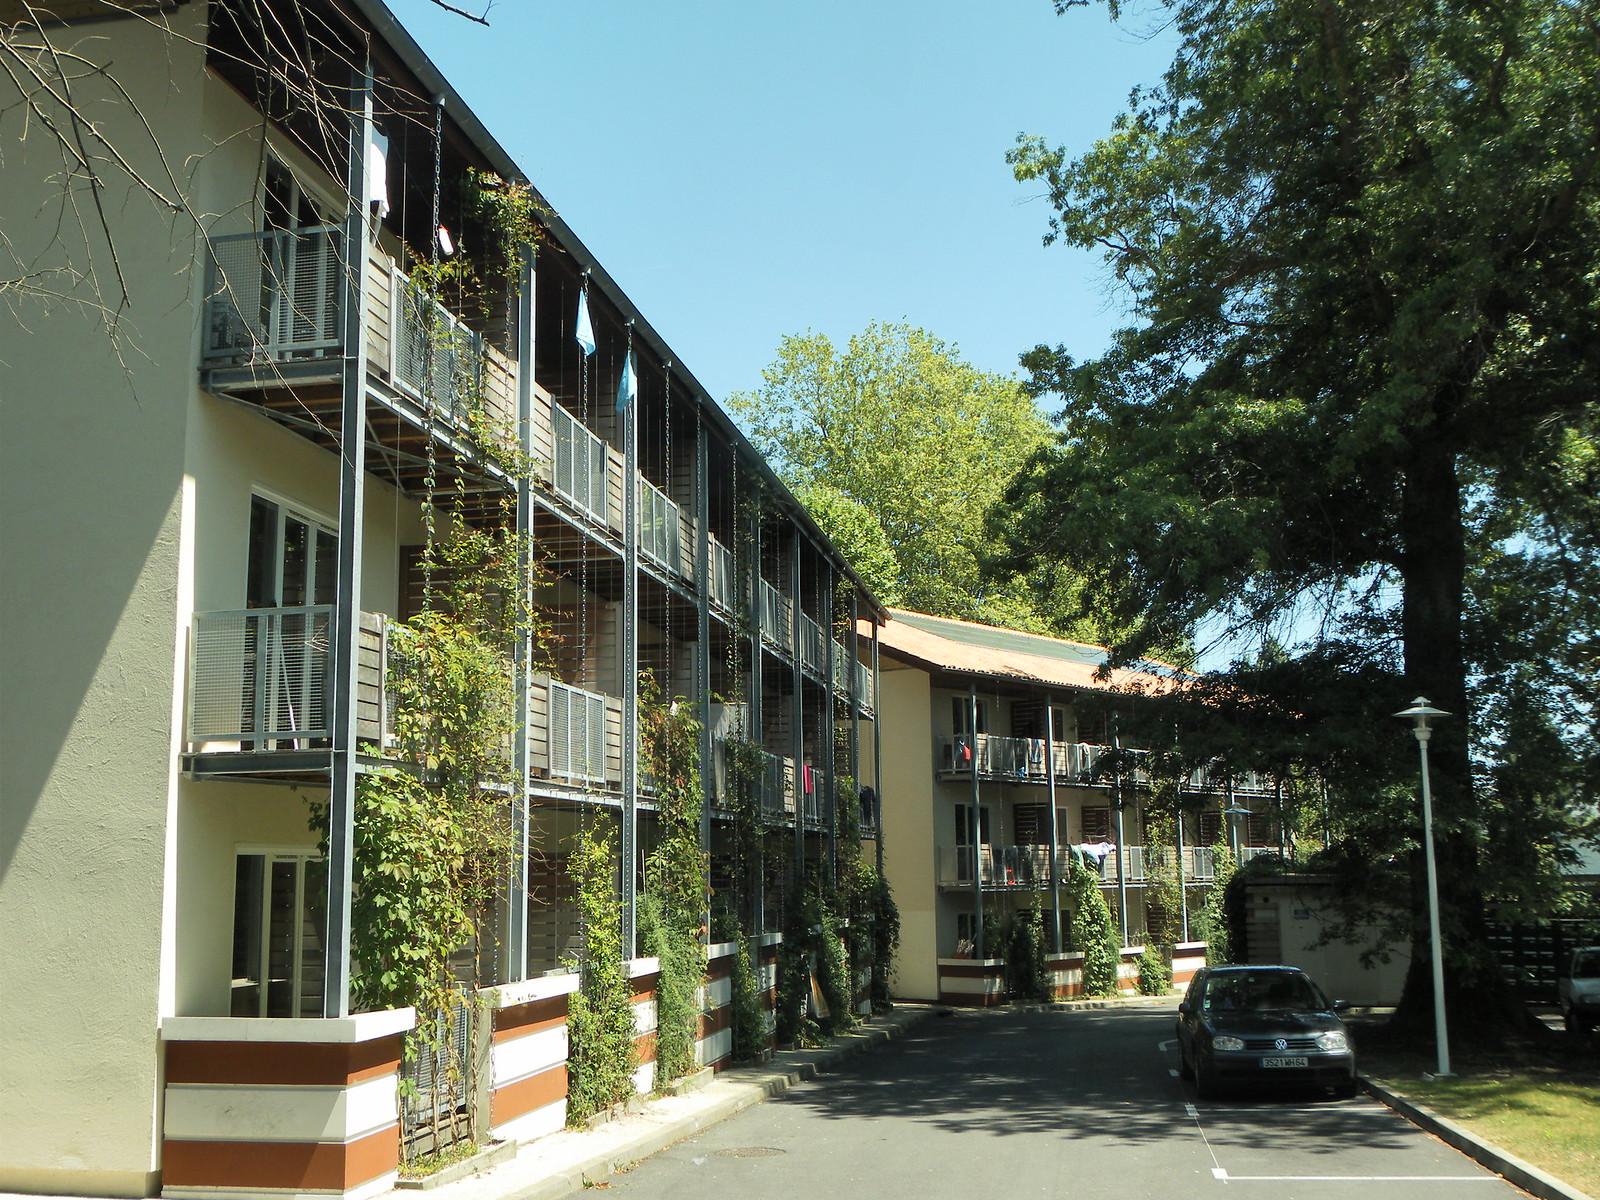 Résidence Universitaire Crous Roland Barthes- Bayonne - Extérieur